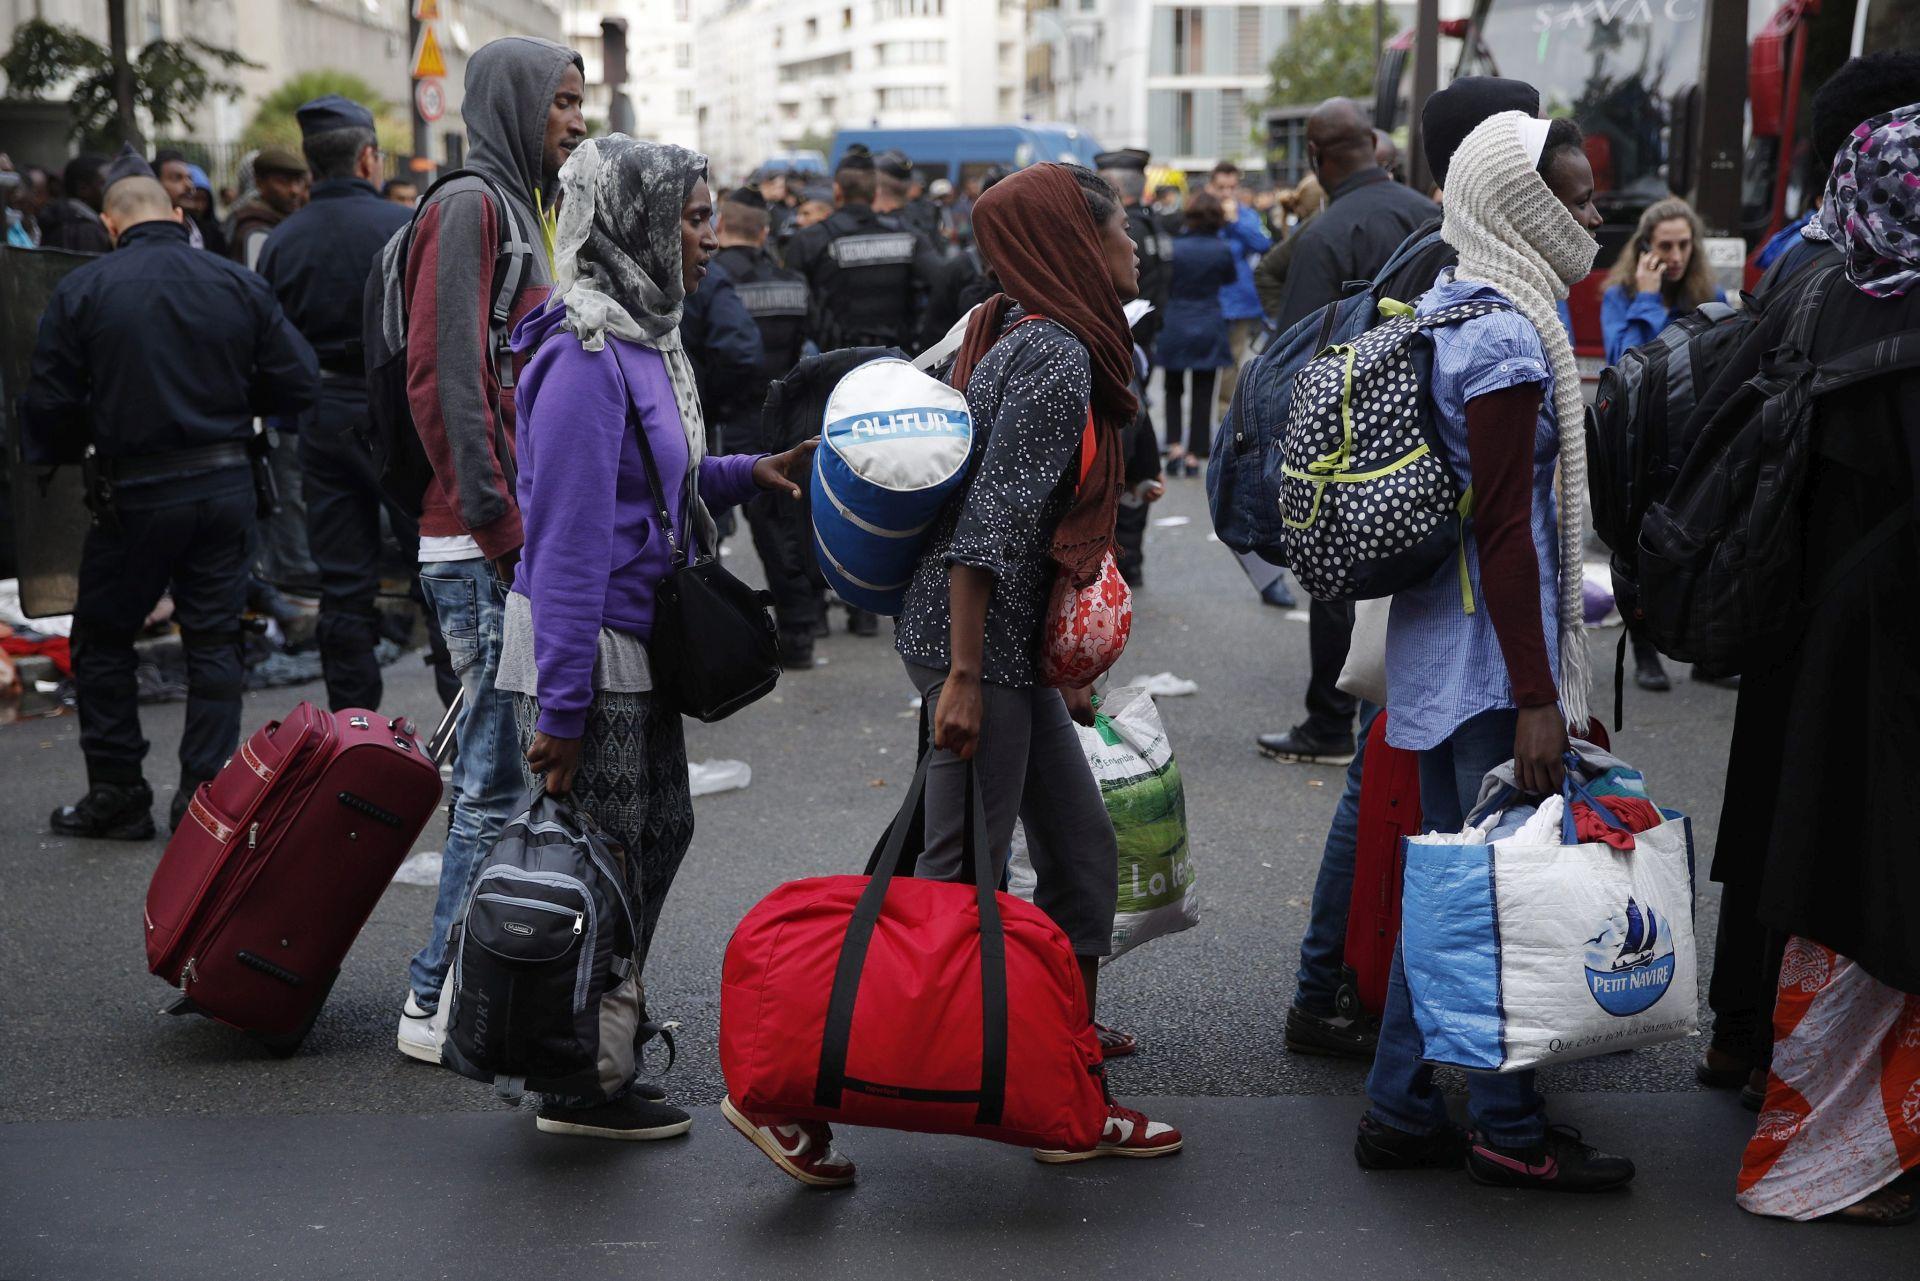 SUMMIT UN-a: Svjetski čelnici spremni pomoći migrantima, no nema obećanja